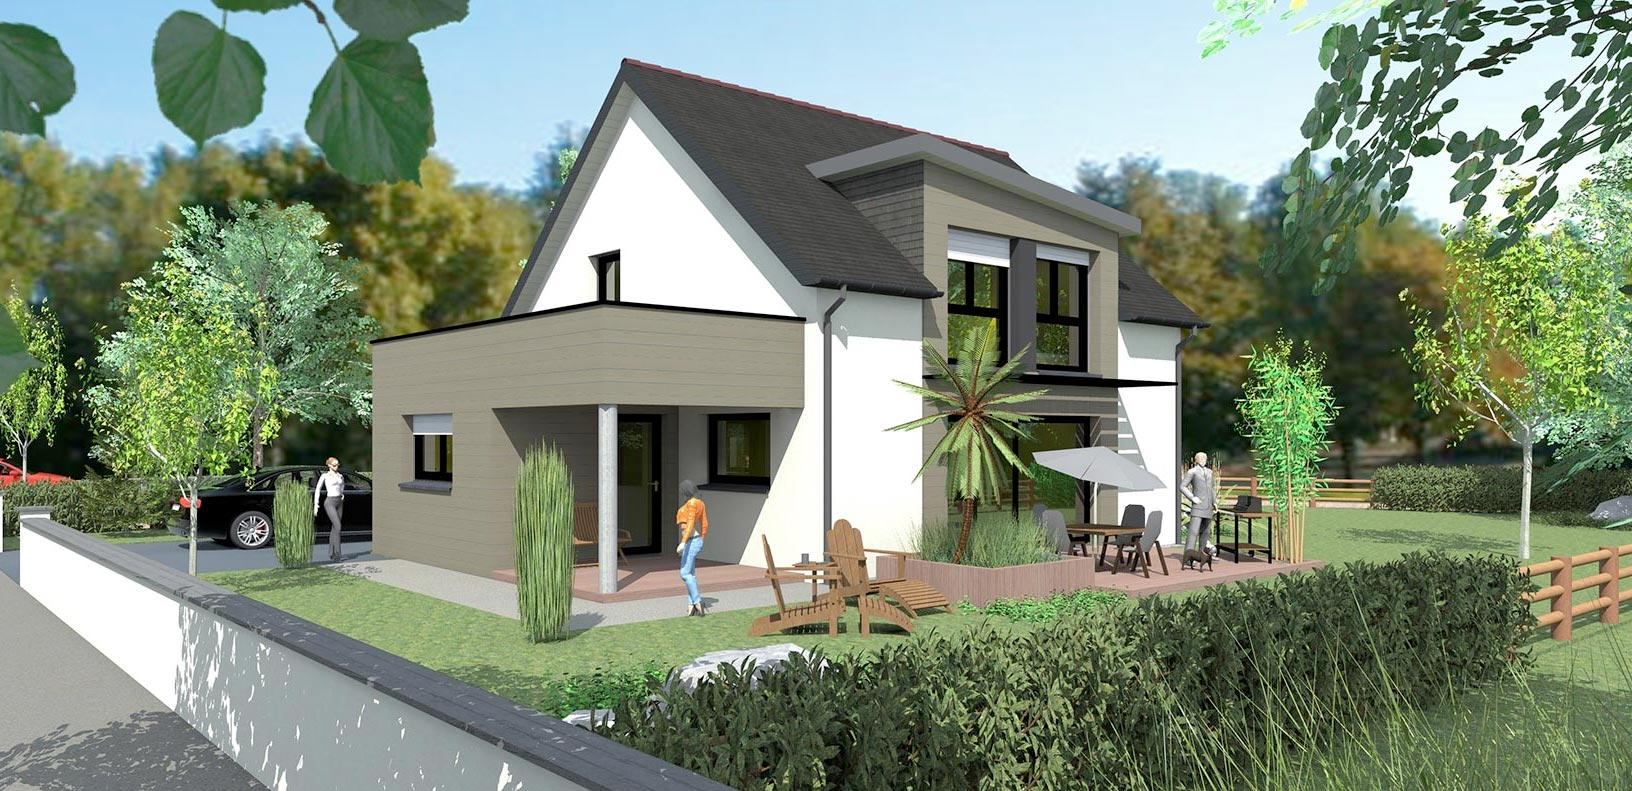 Maison passive gautier cr ations for Maison passive